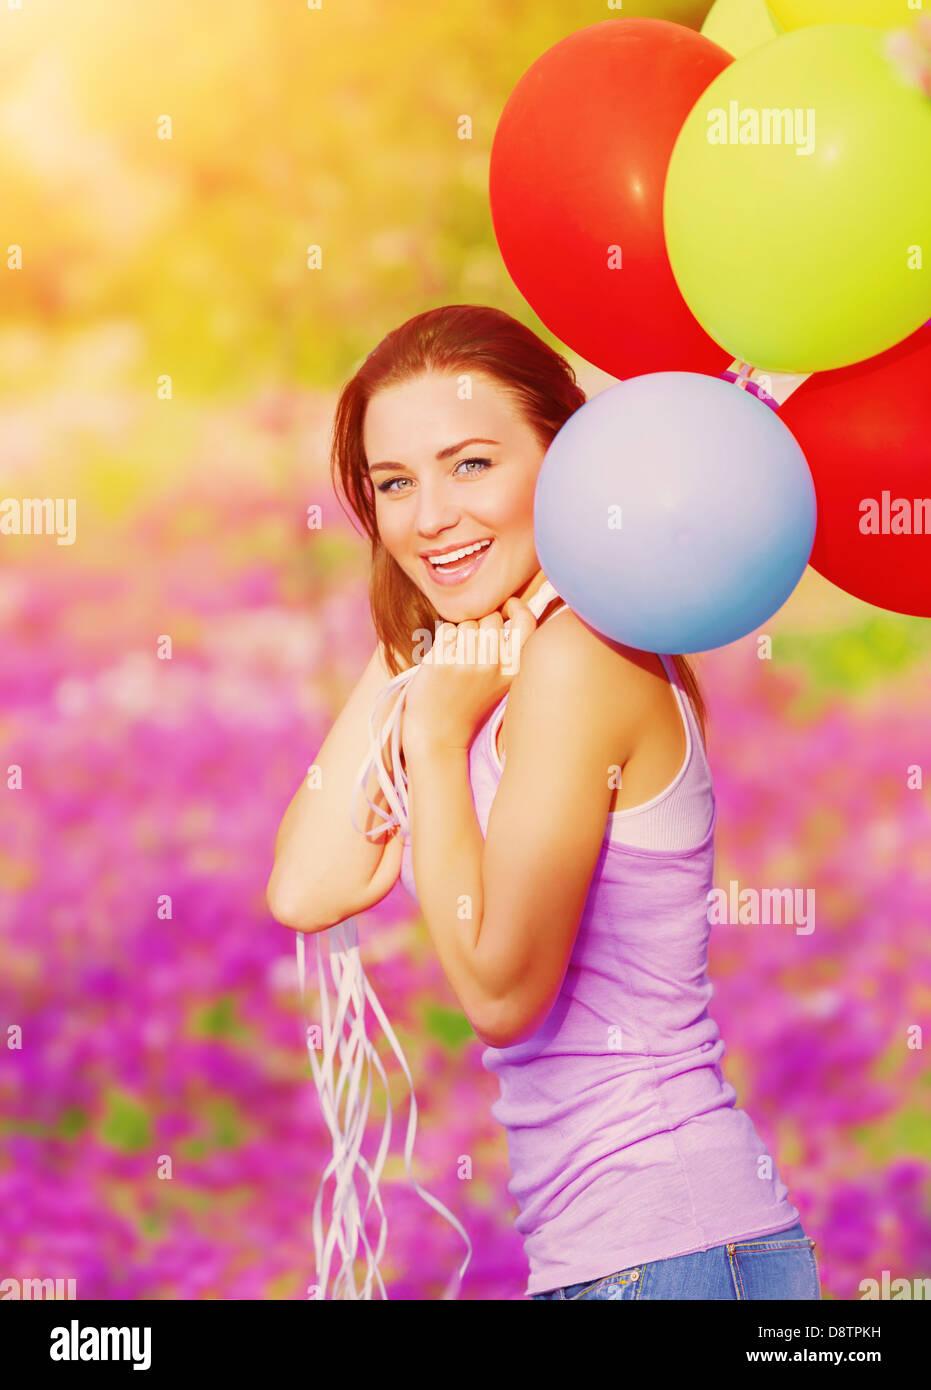 Carino allegro femmina presentando un divertimento con il grappolo di palloncini colorati nella primavera del giardino, Immagini Stock